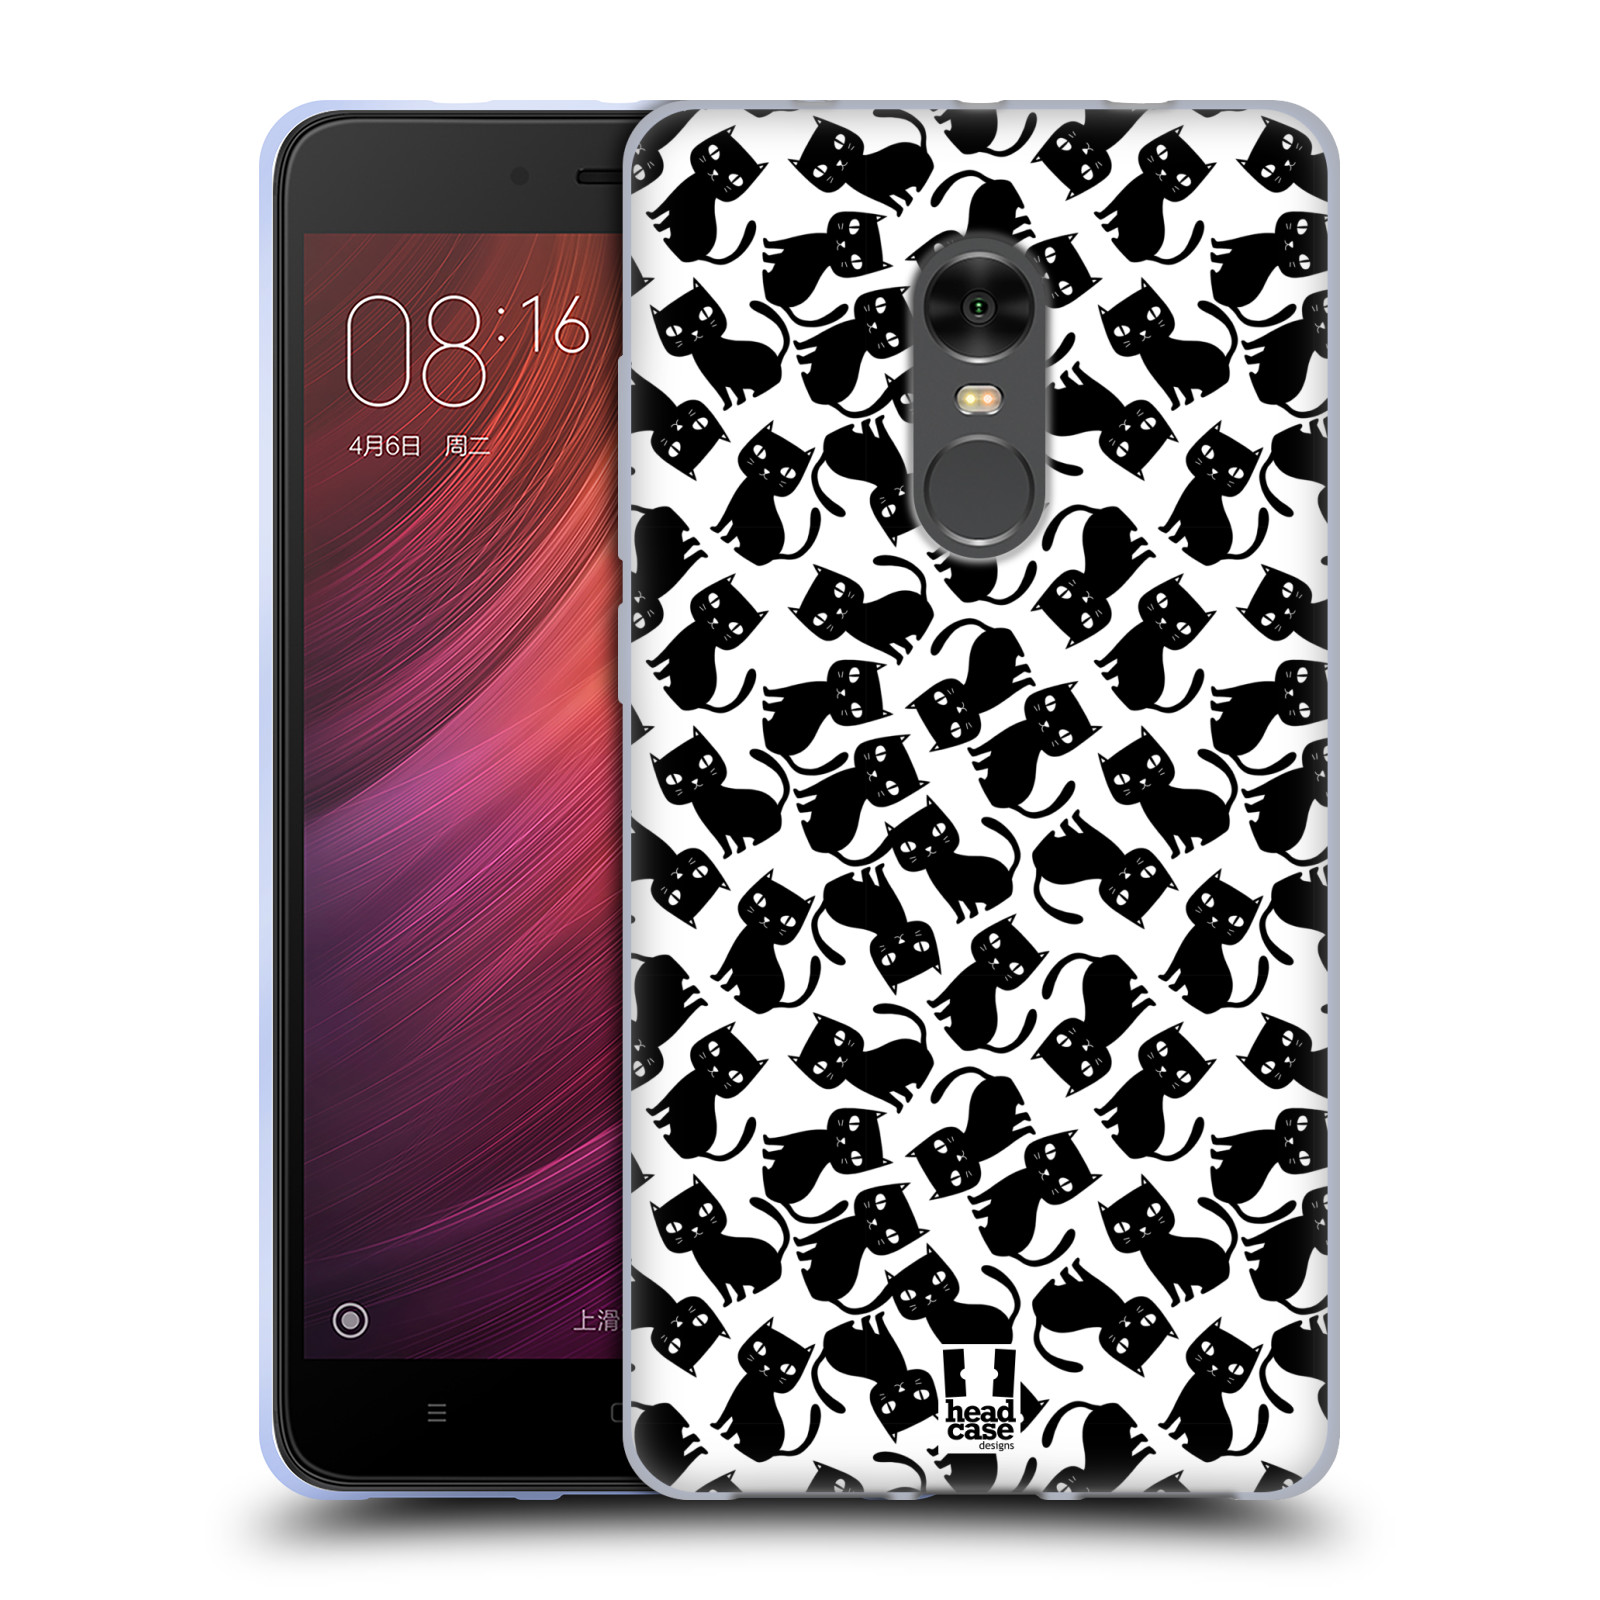 Silikonové pouzdro na mobil Xiaomi Redmi Note 4 - Head Case - KOČKY Black Pattern